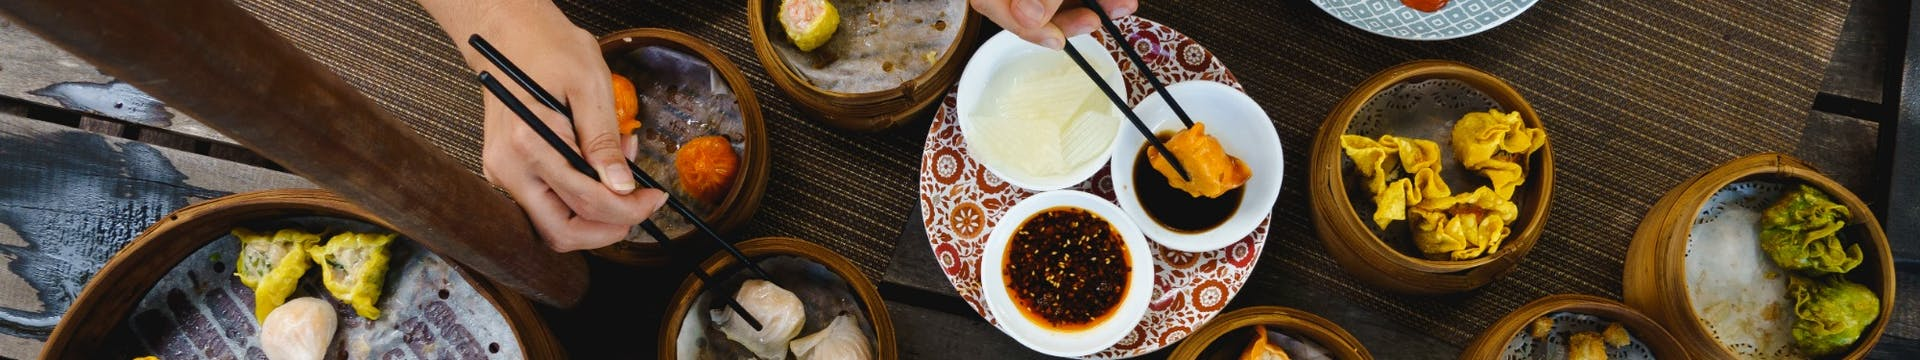 Zasmakuj niezwykłych smaków <br>kuchni orientalnej!